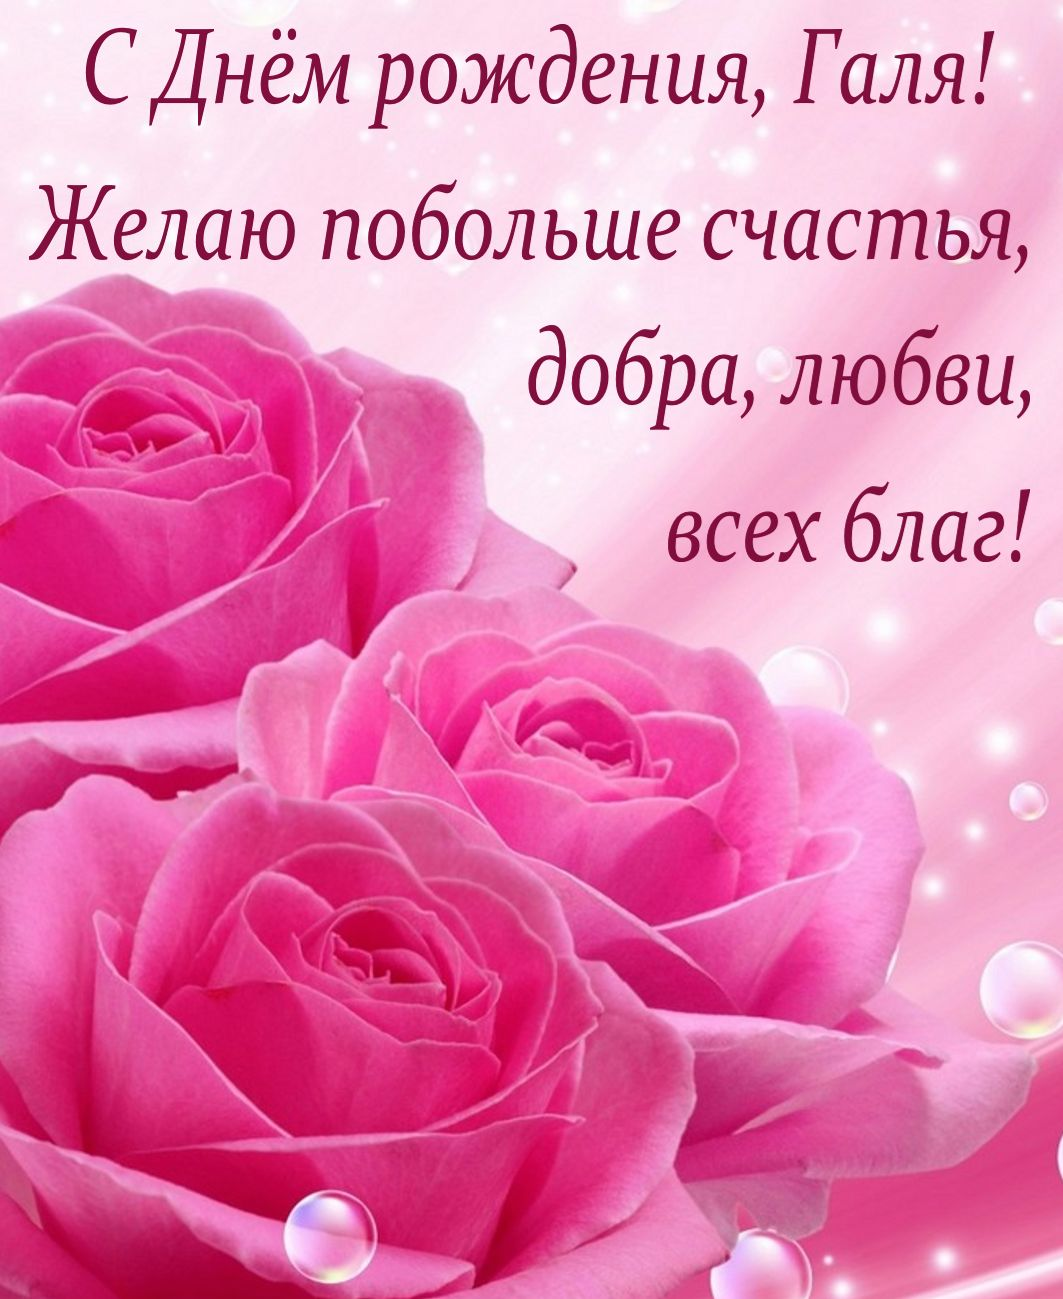 С днём рождения пожелание и поздравления